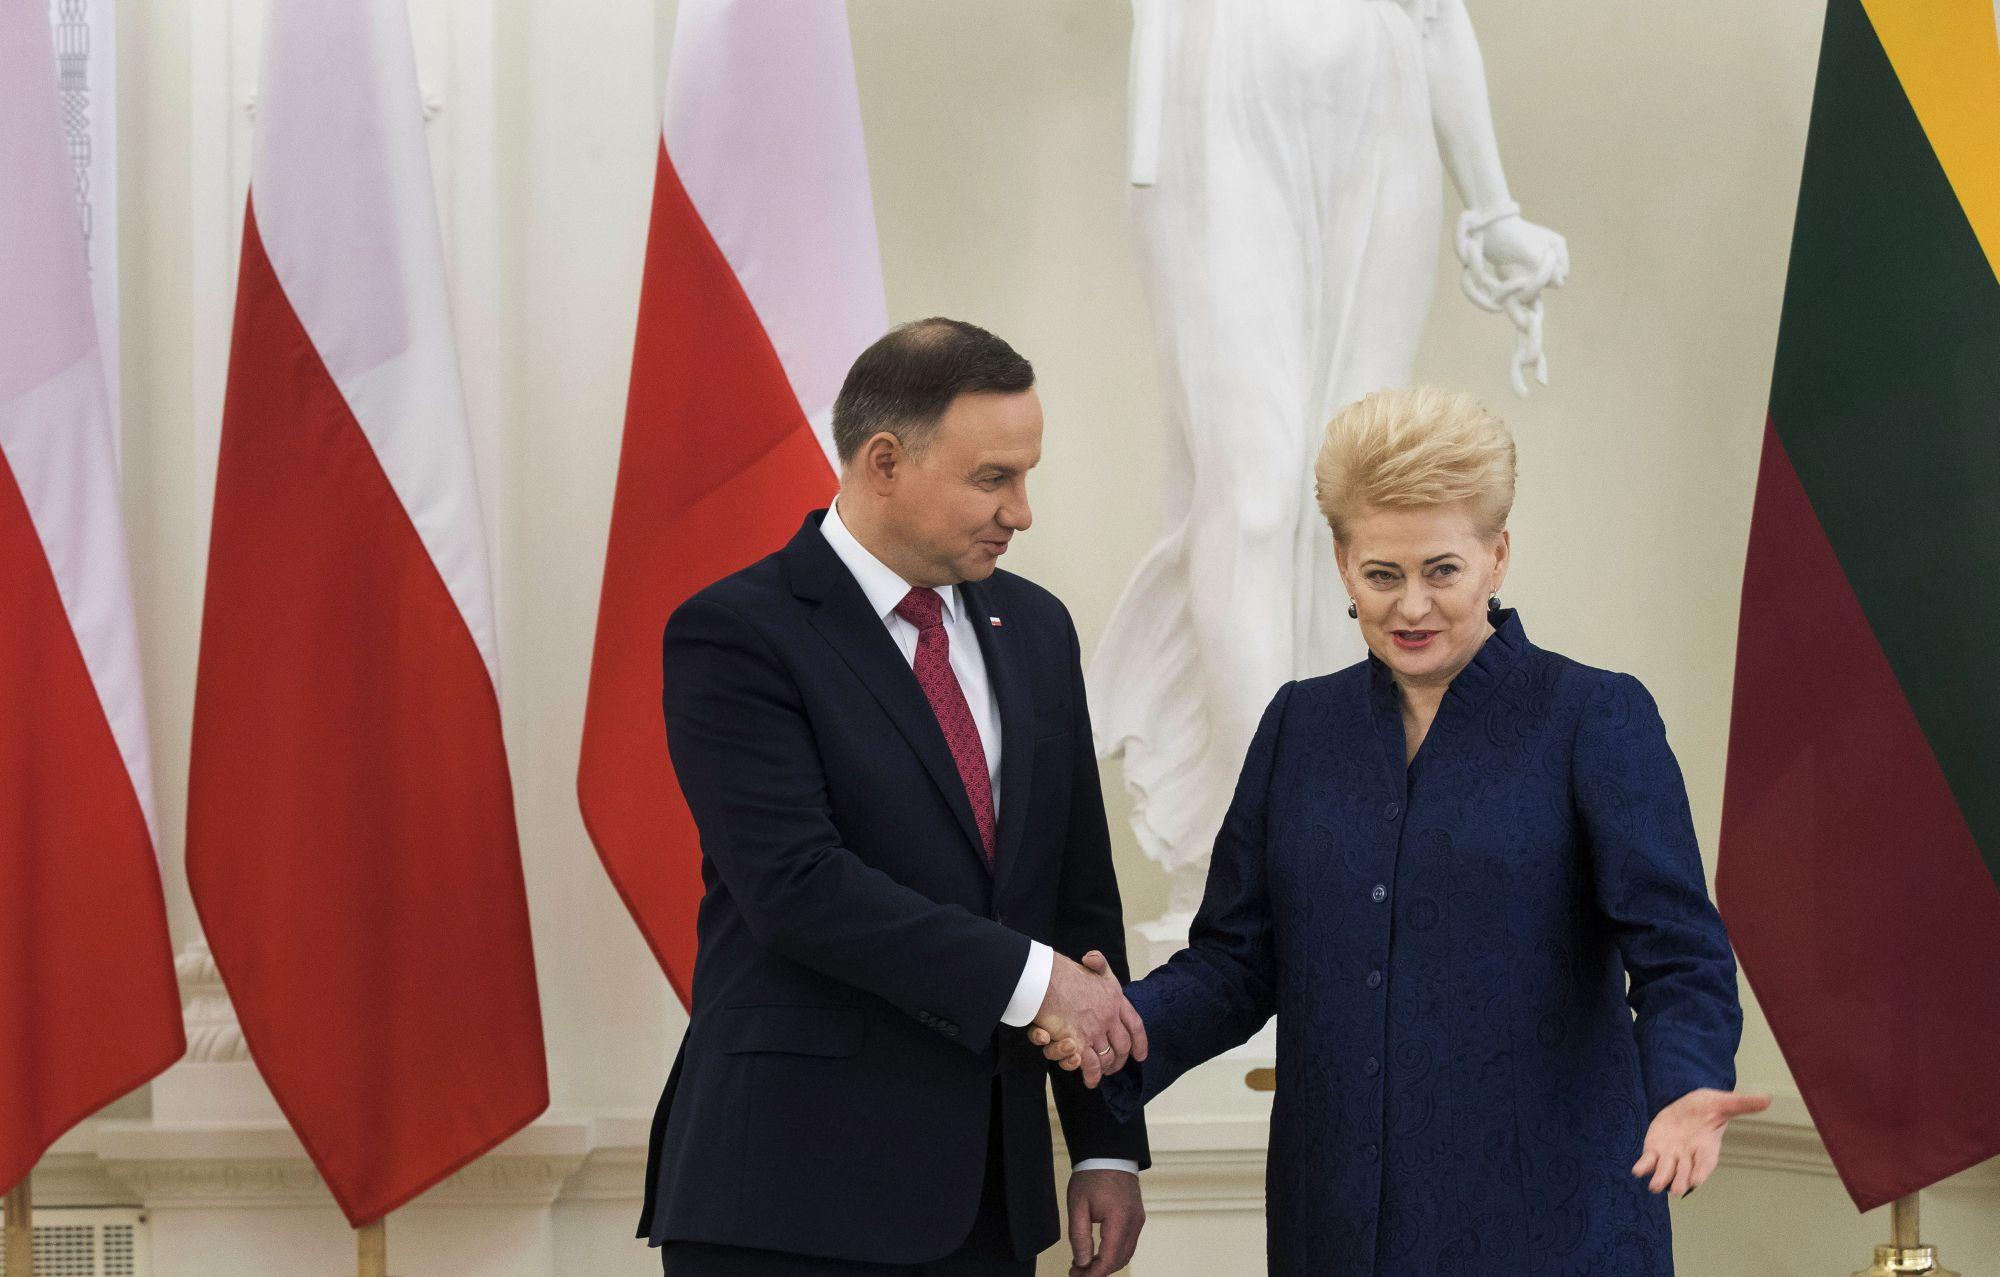 Dalia Grybauskaite litván államfő (j) fogadja a megbeszélésükre érkező lengyel hivatali partnerét, Andrzej Dudát a vilniusi elnöki palotában 2018. február 17-én. (MTI/AP/Mindaugas Kulbis)